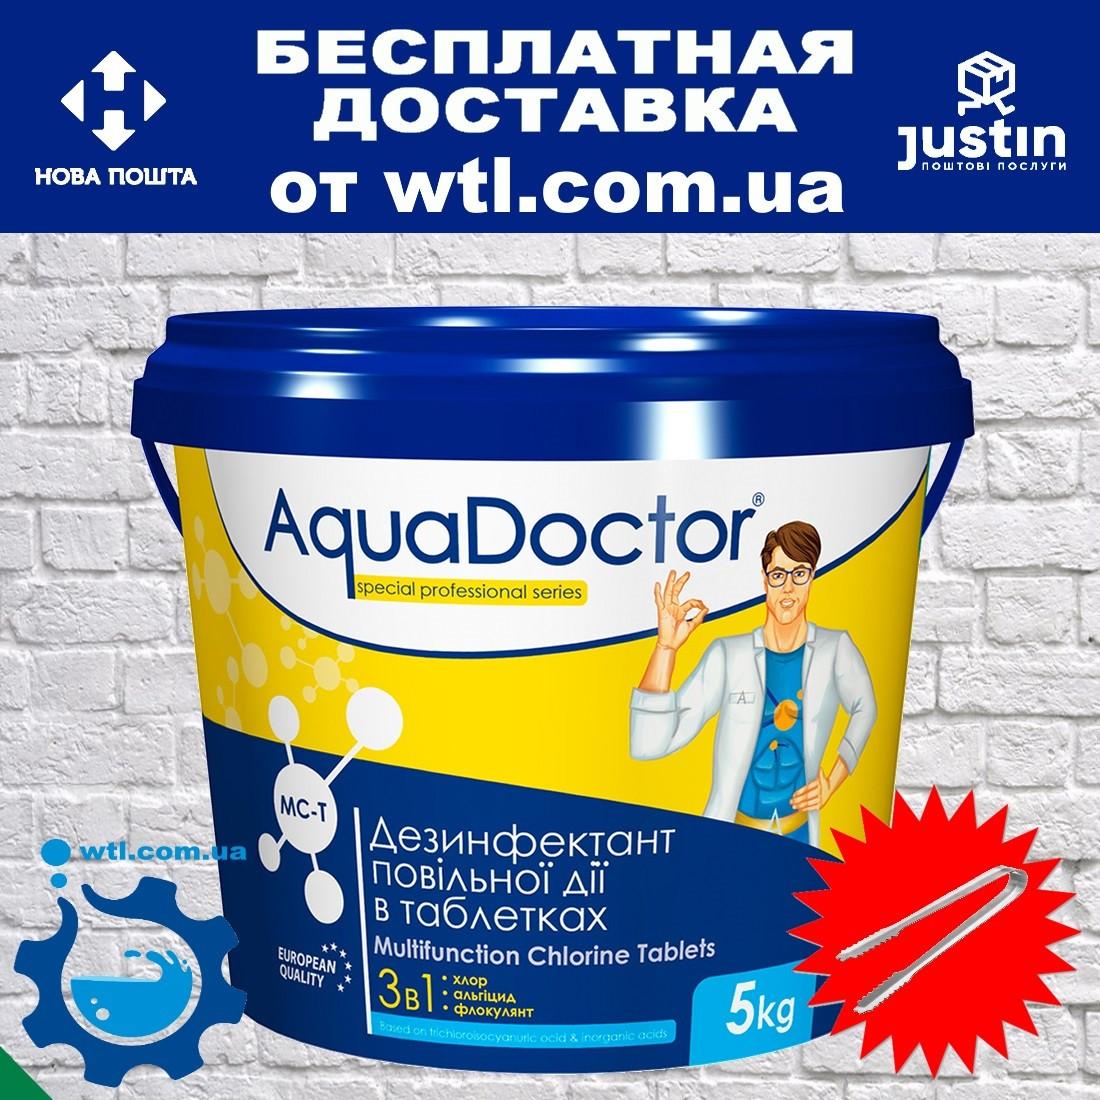 Мульти табс AquaDoctor MC-T 5 кг 3 в 1 Аквадоктор большие таблетки для бассейна 200 г длительного действия